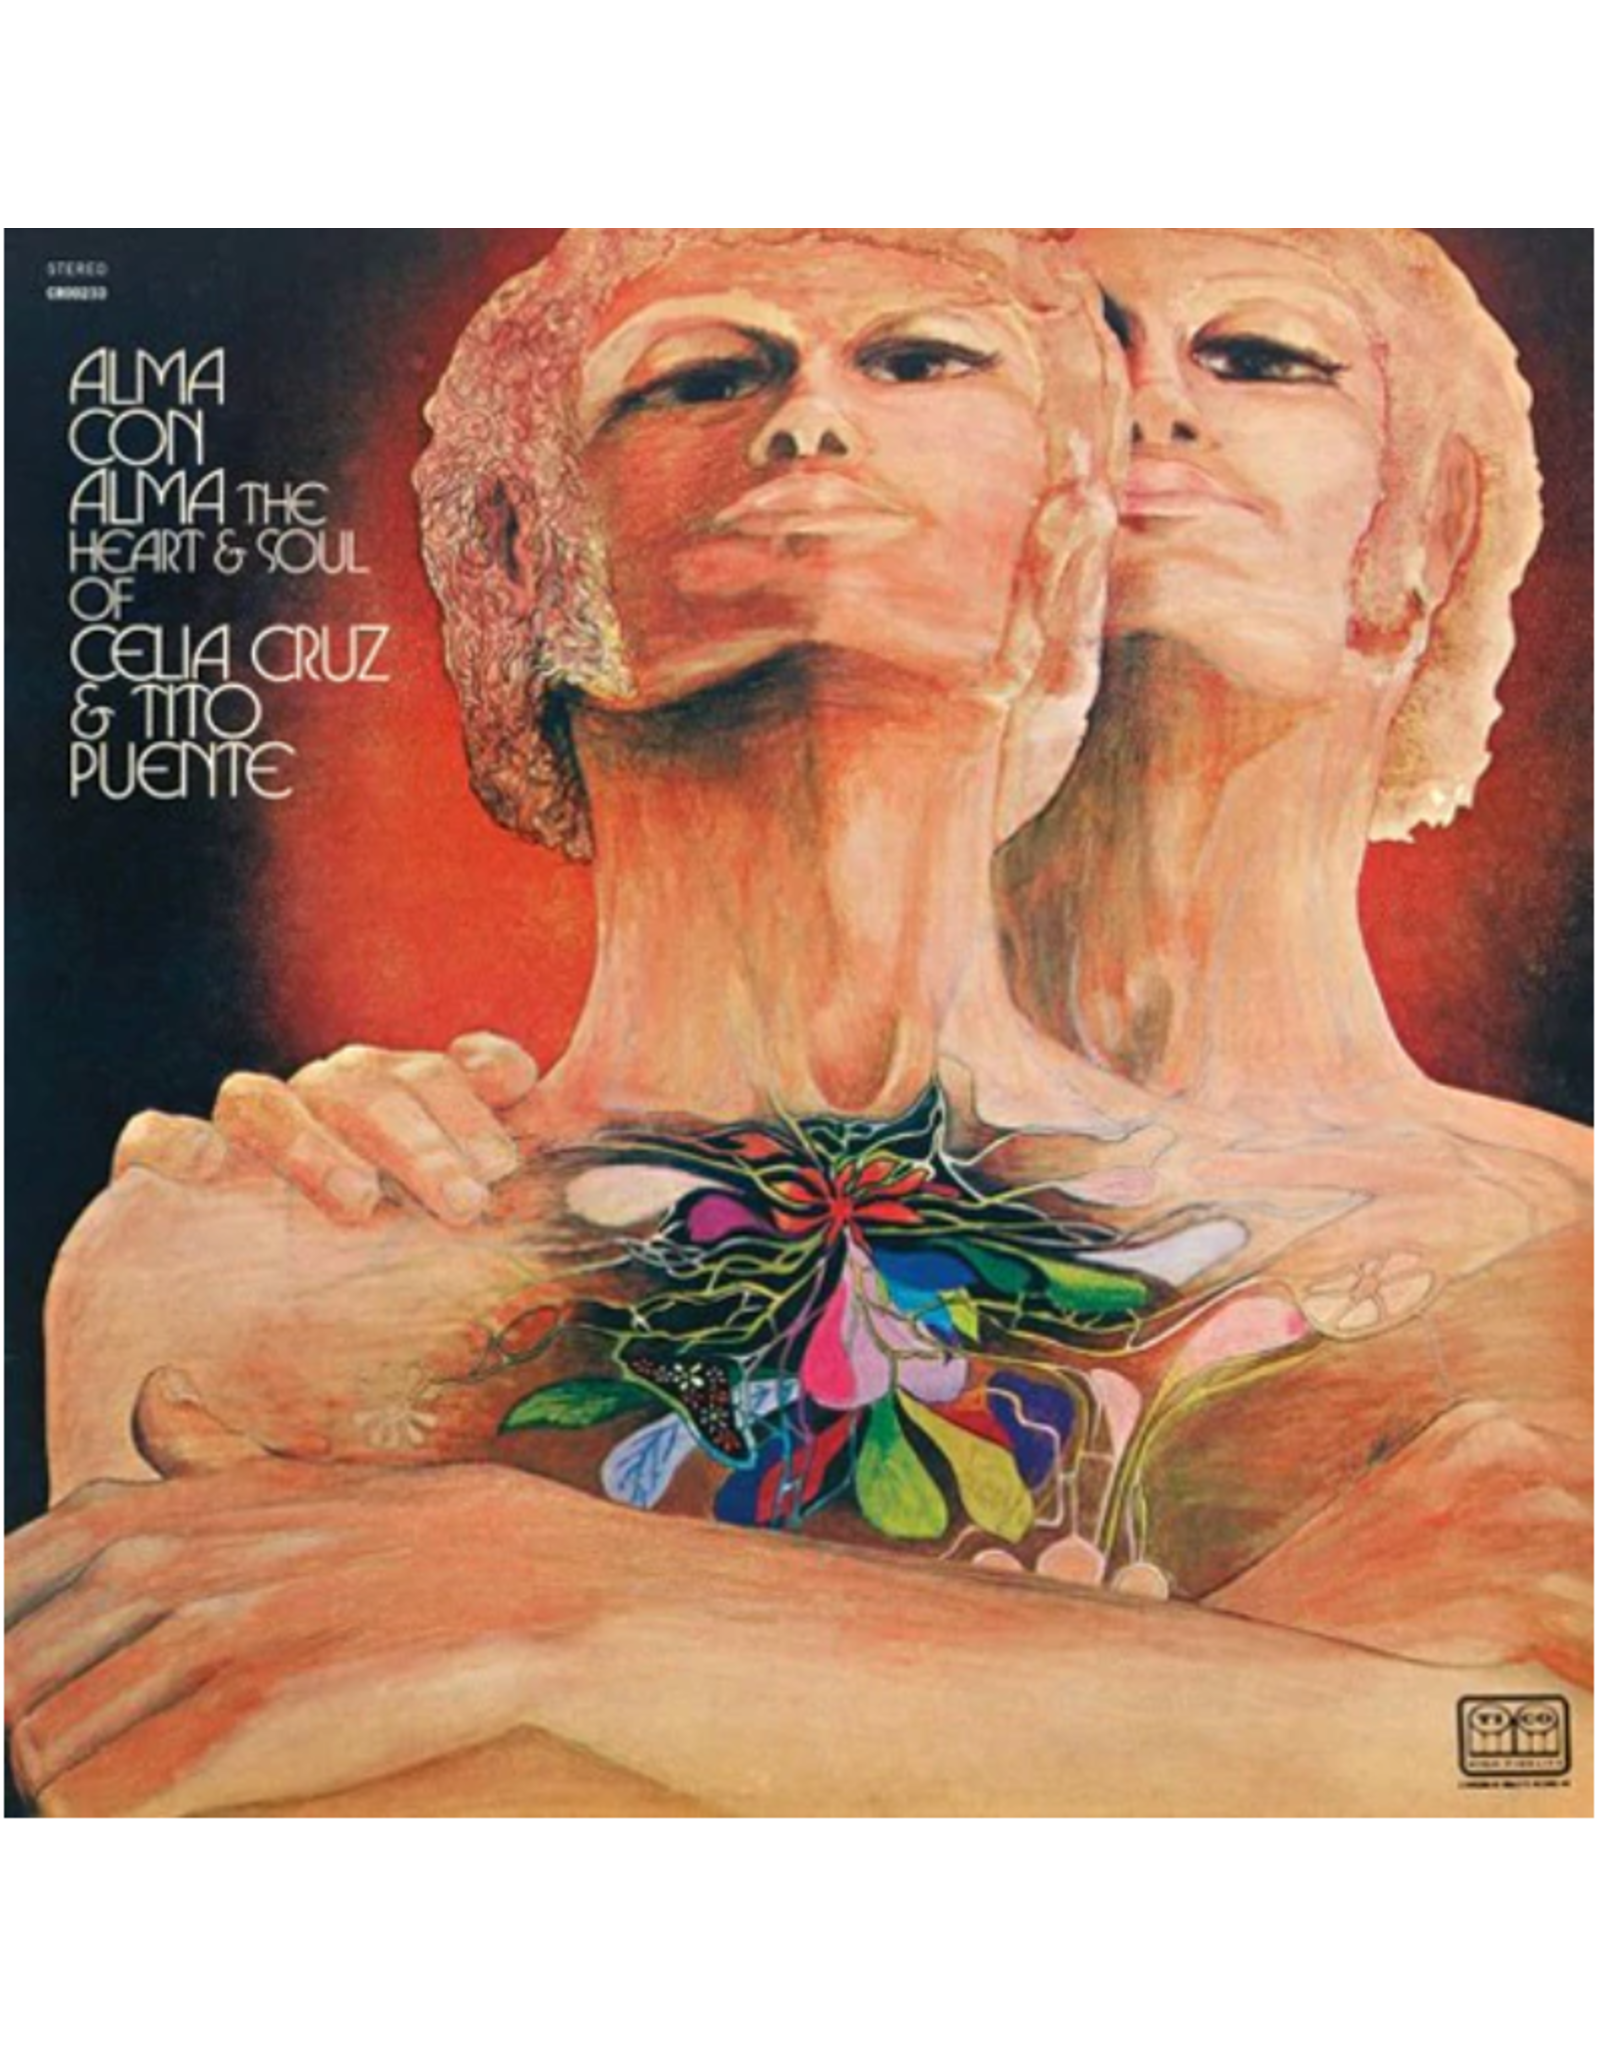 New Vinyl Celia Cruz & Tito Puente - Alma Con Alma LP